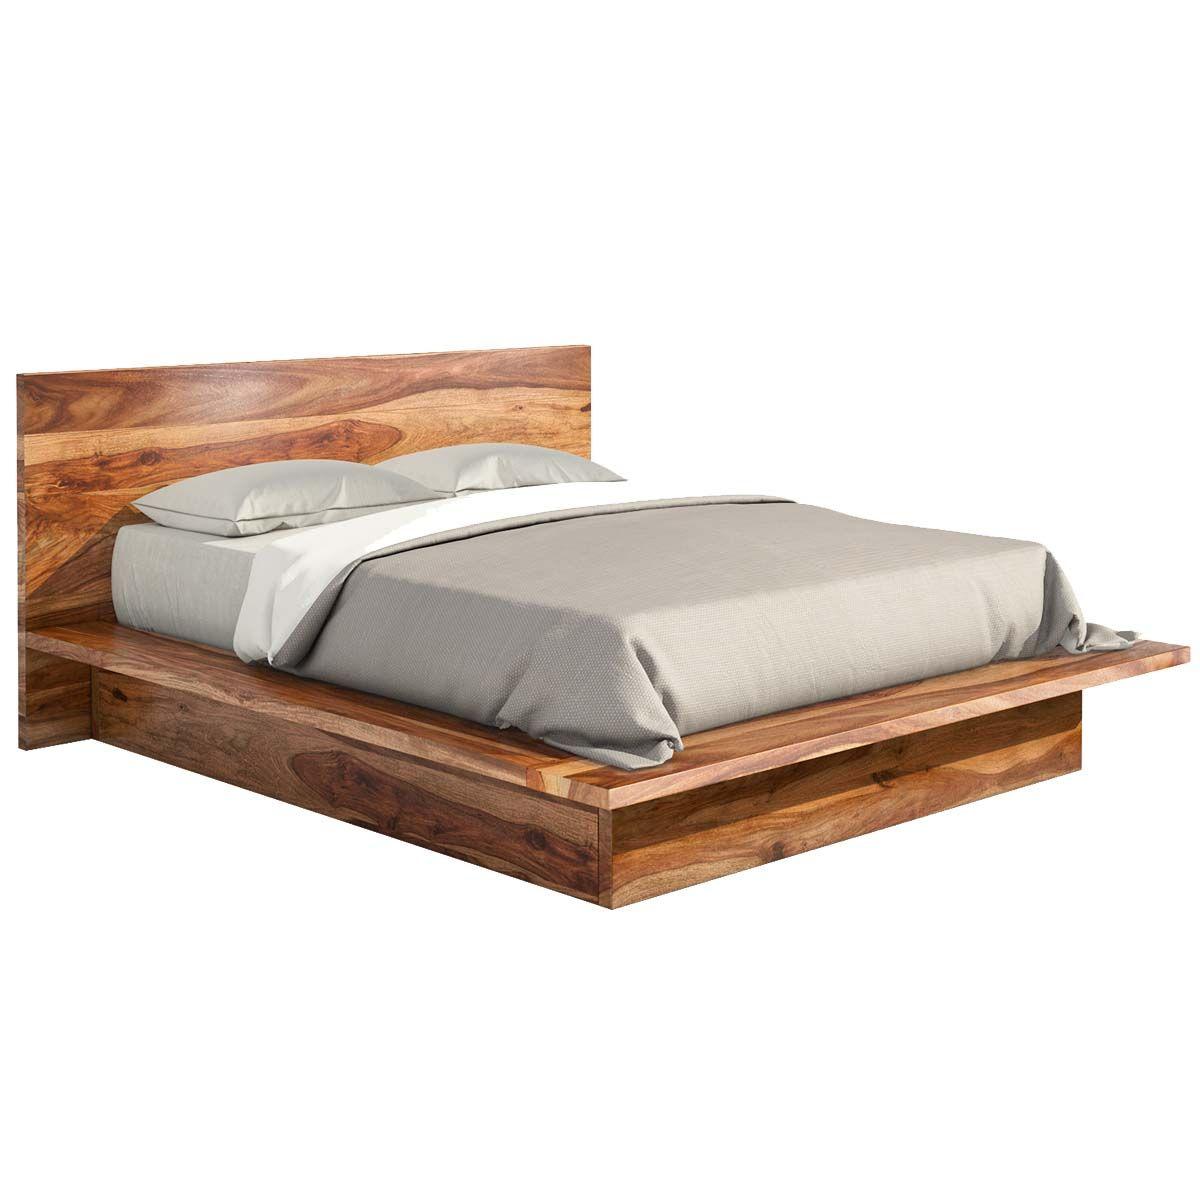 Delaware Solid Wood Platform Bed Frame Wood Platform Bed Wood Platform Bed Frame Solid Wood Bed